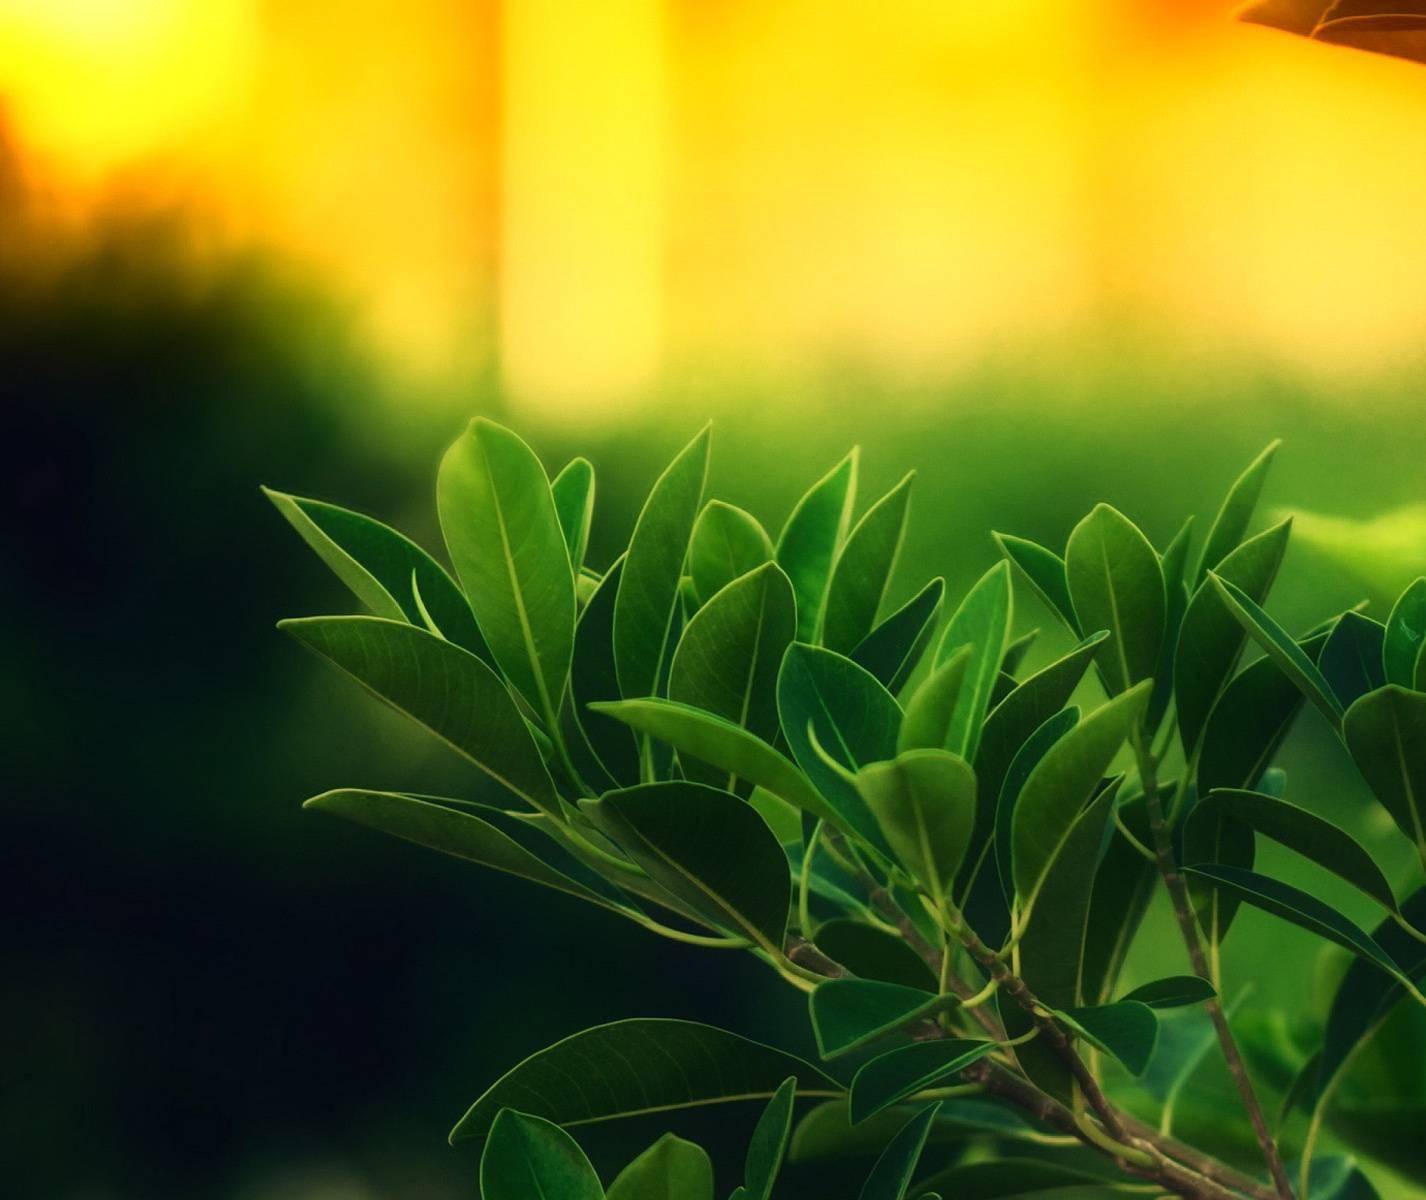 Hd Leaves